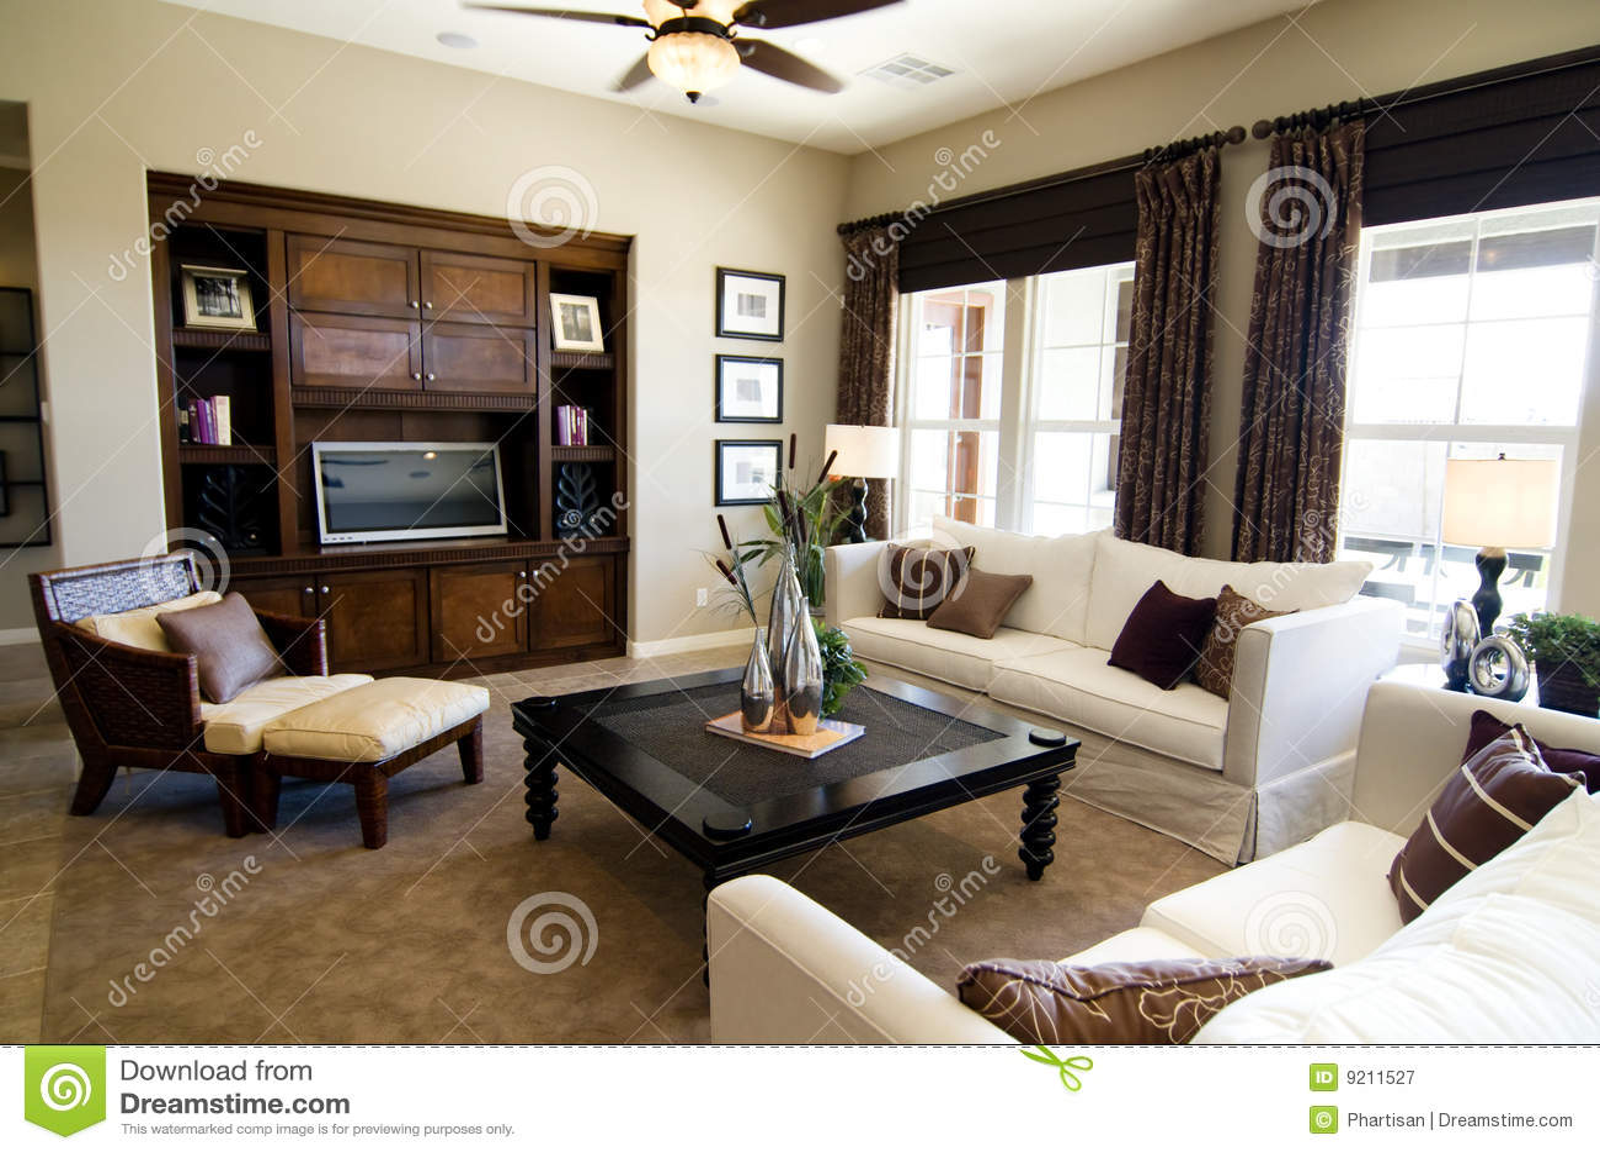 Best Schone Grose Wohnzimmer Ideas - House Design Ideas ...